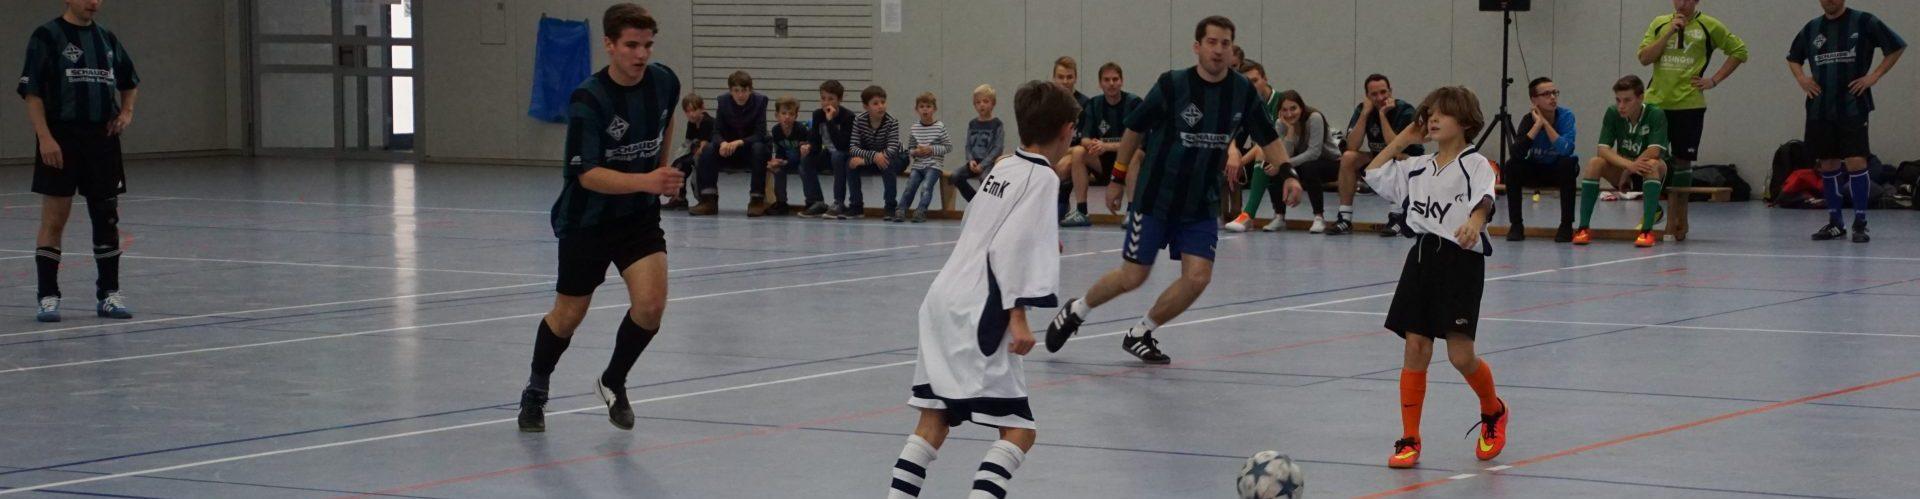 Kategorie: Jungscharsport